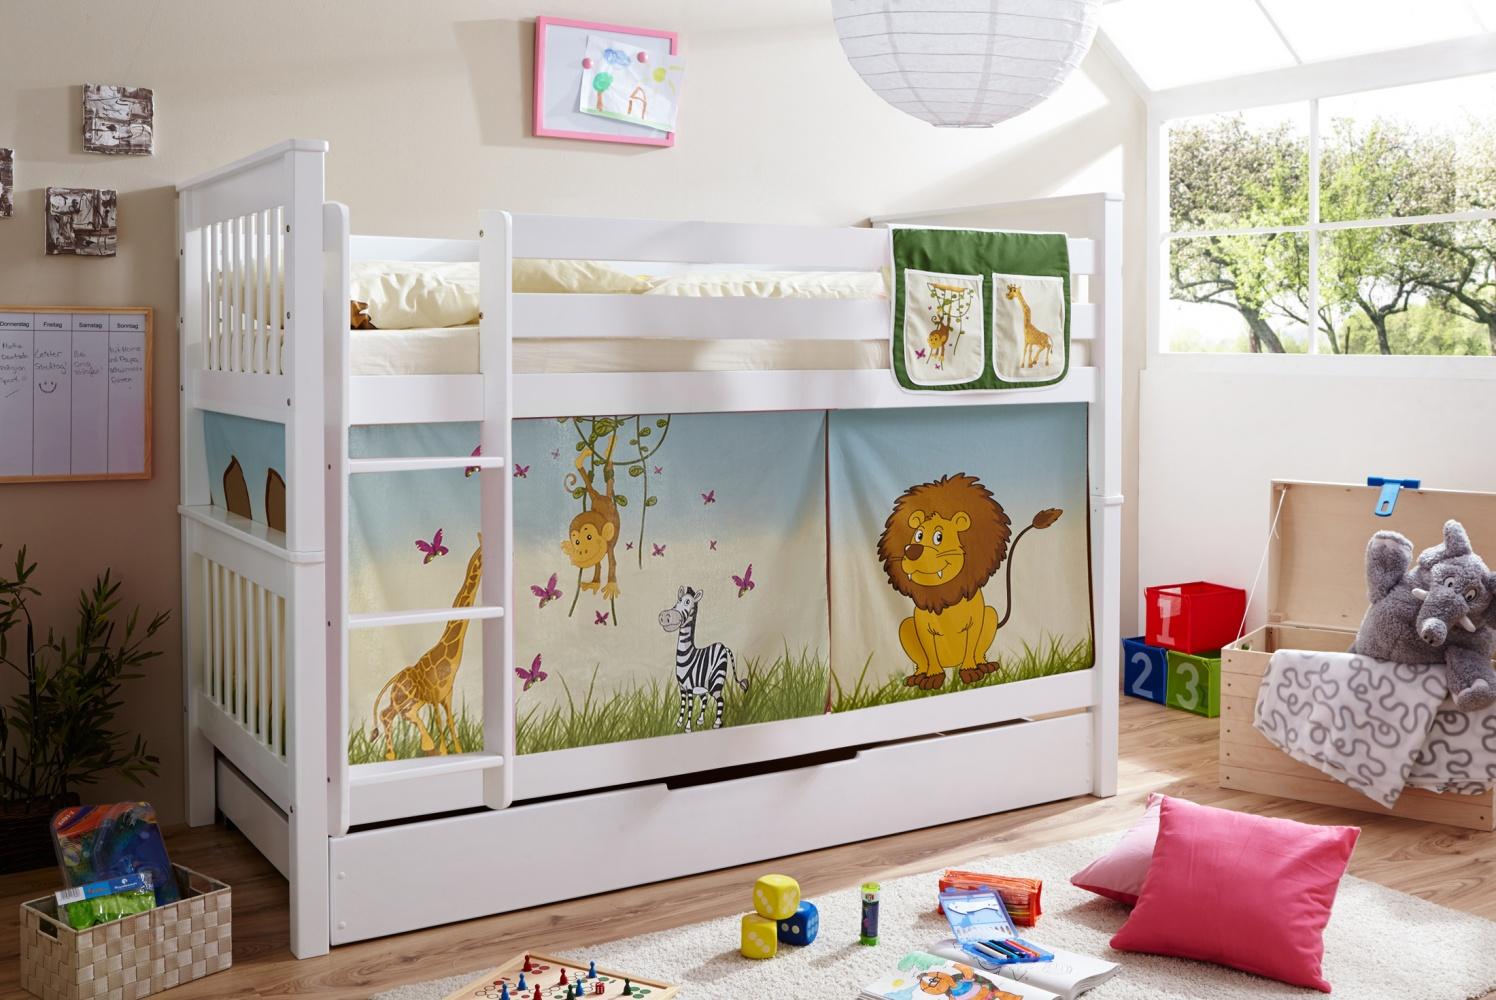 Kinderhochbett  Kinderhochbett für zwei Buche massiv Linos inkl. Vorhang - Kaufen ...